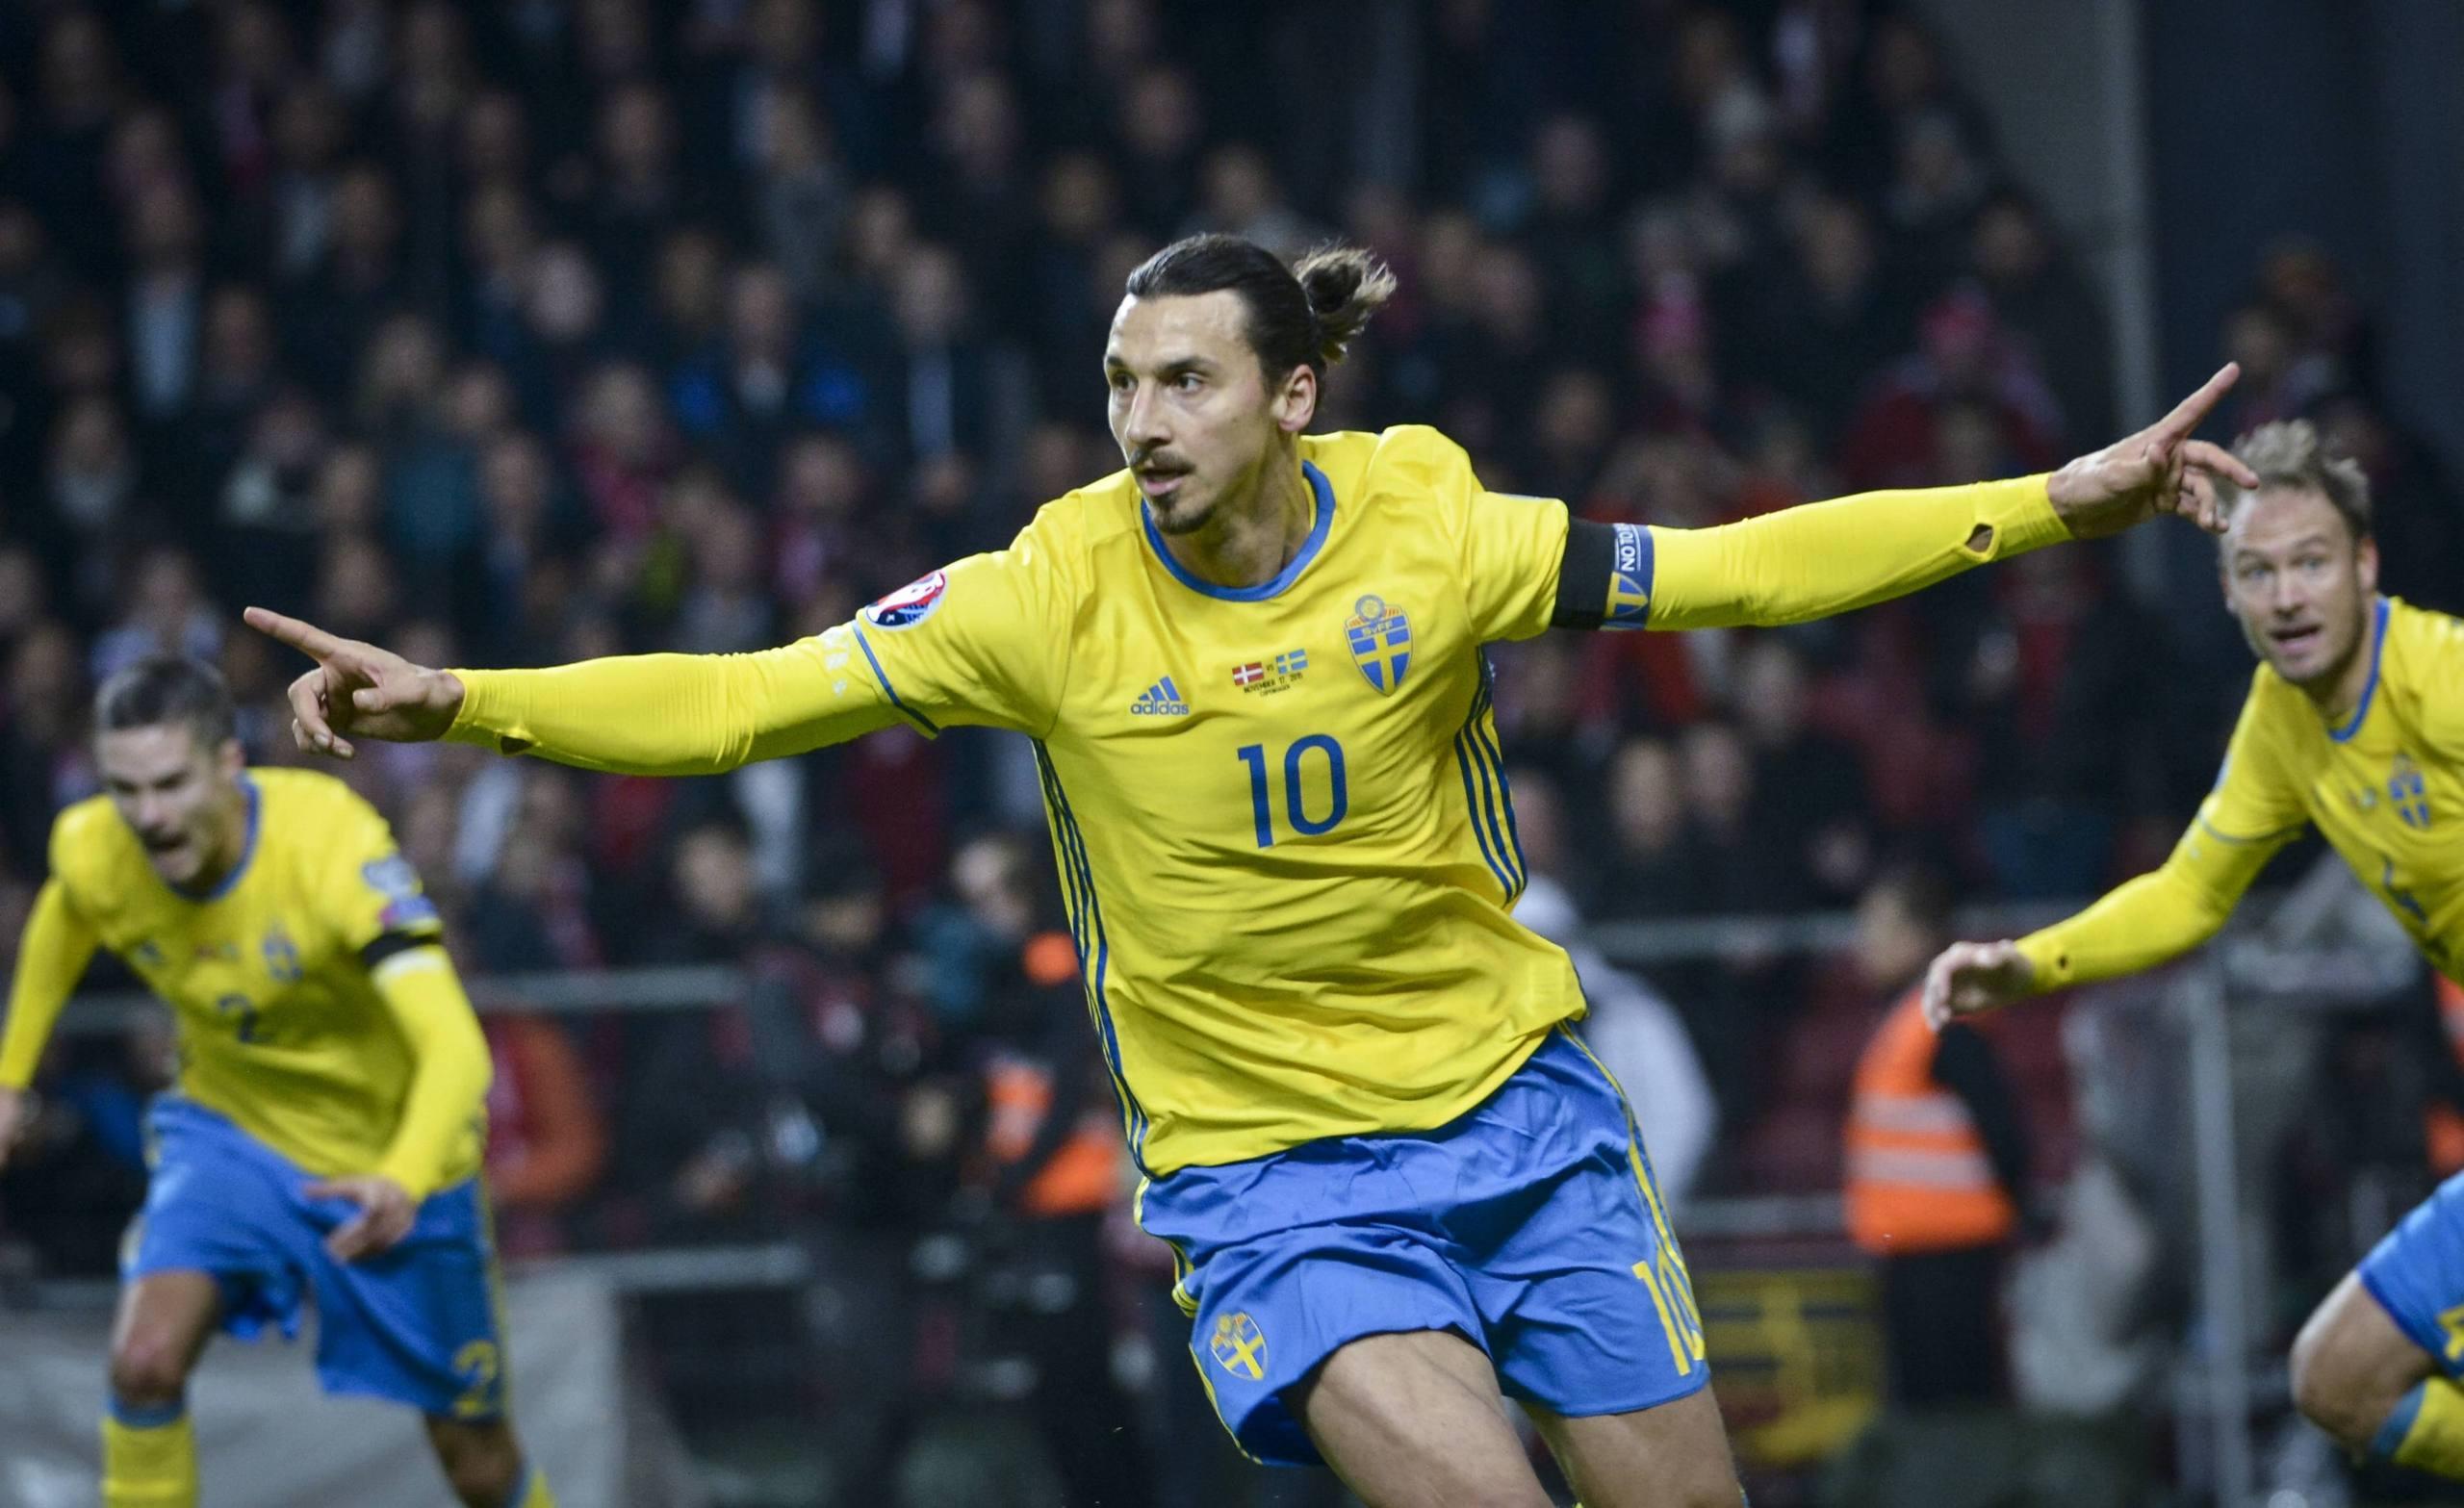 Tveksamt om zlatan spelar mot tyskland